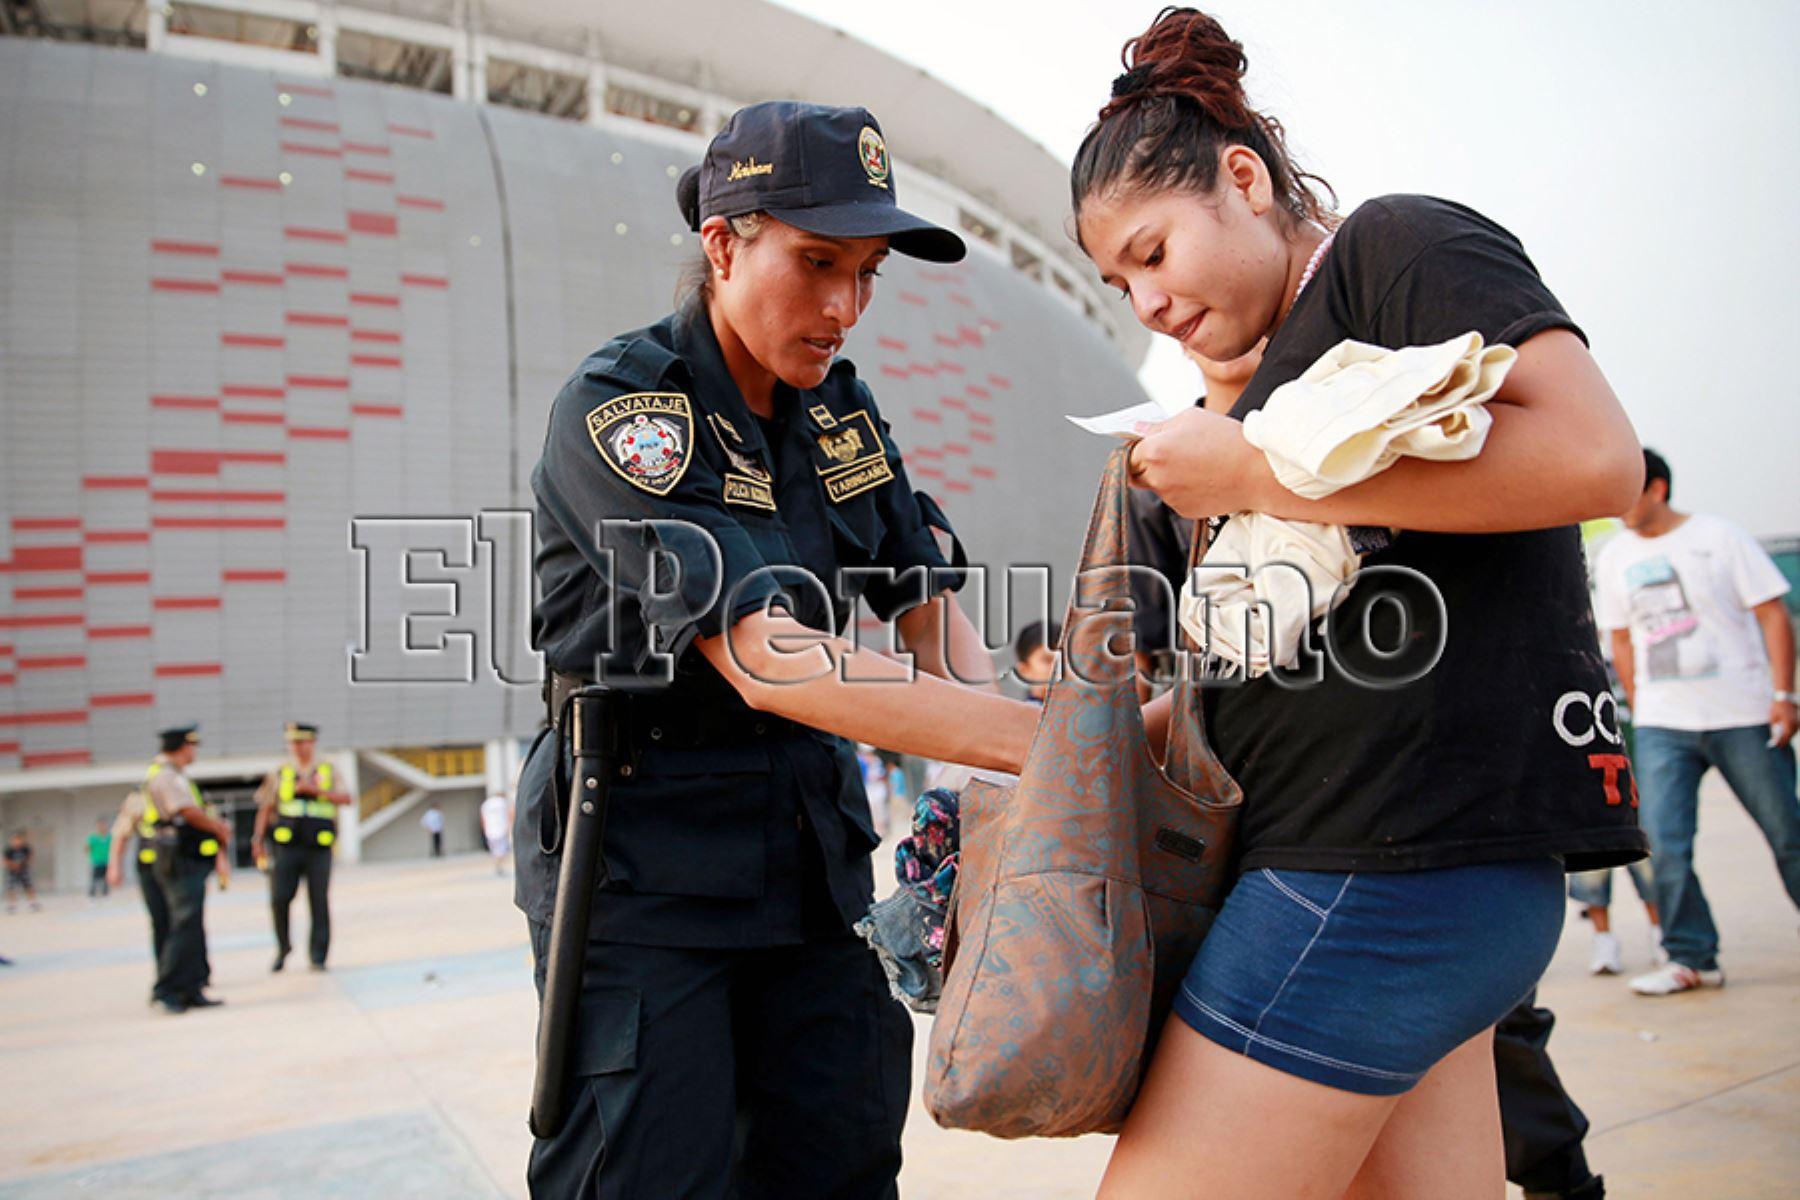 Lima – 15 marzo 2013 / Por medidas de seguridad, miembro de la Policía Femenina, revisa el bolso de una de las asistentes al ingreso del Estadio Nacional.  Foto: Archivo EL PERUANO